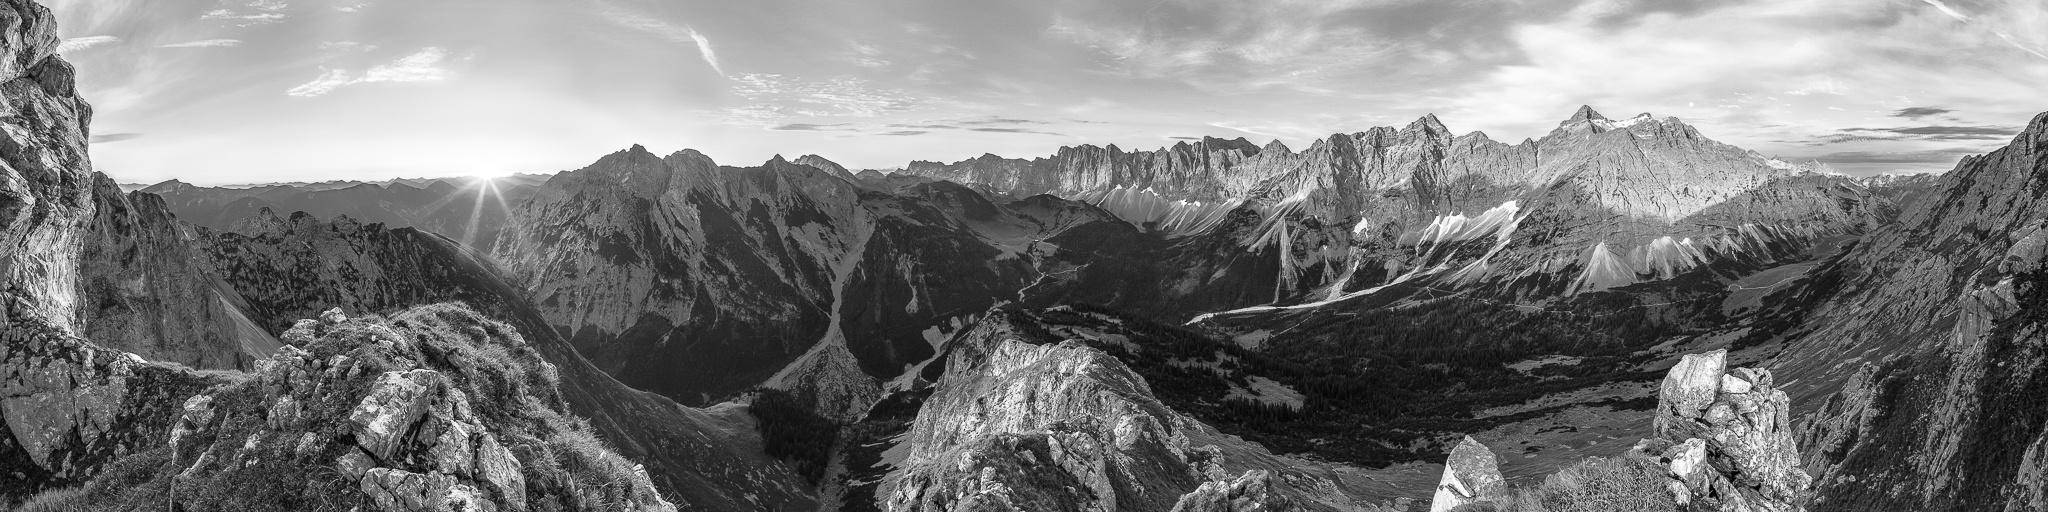 Karwendel Panorama schwarz-weiss